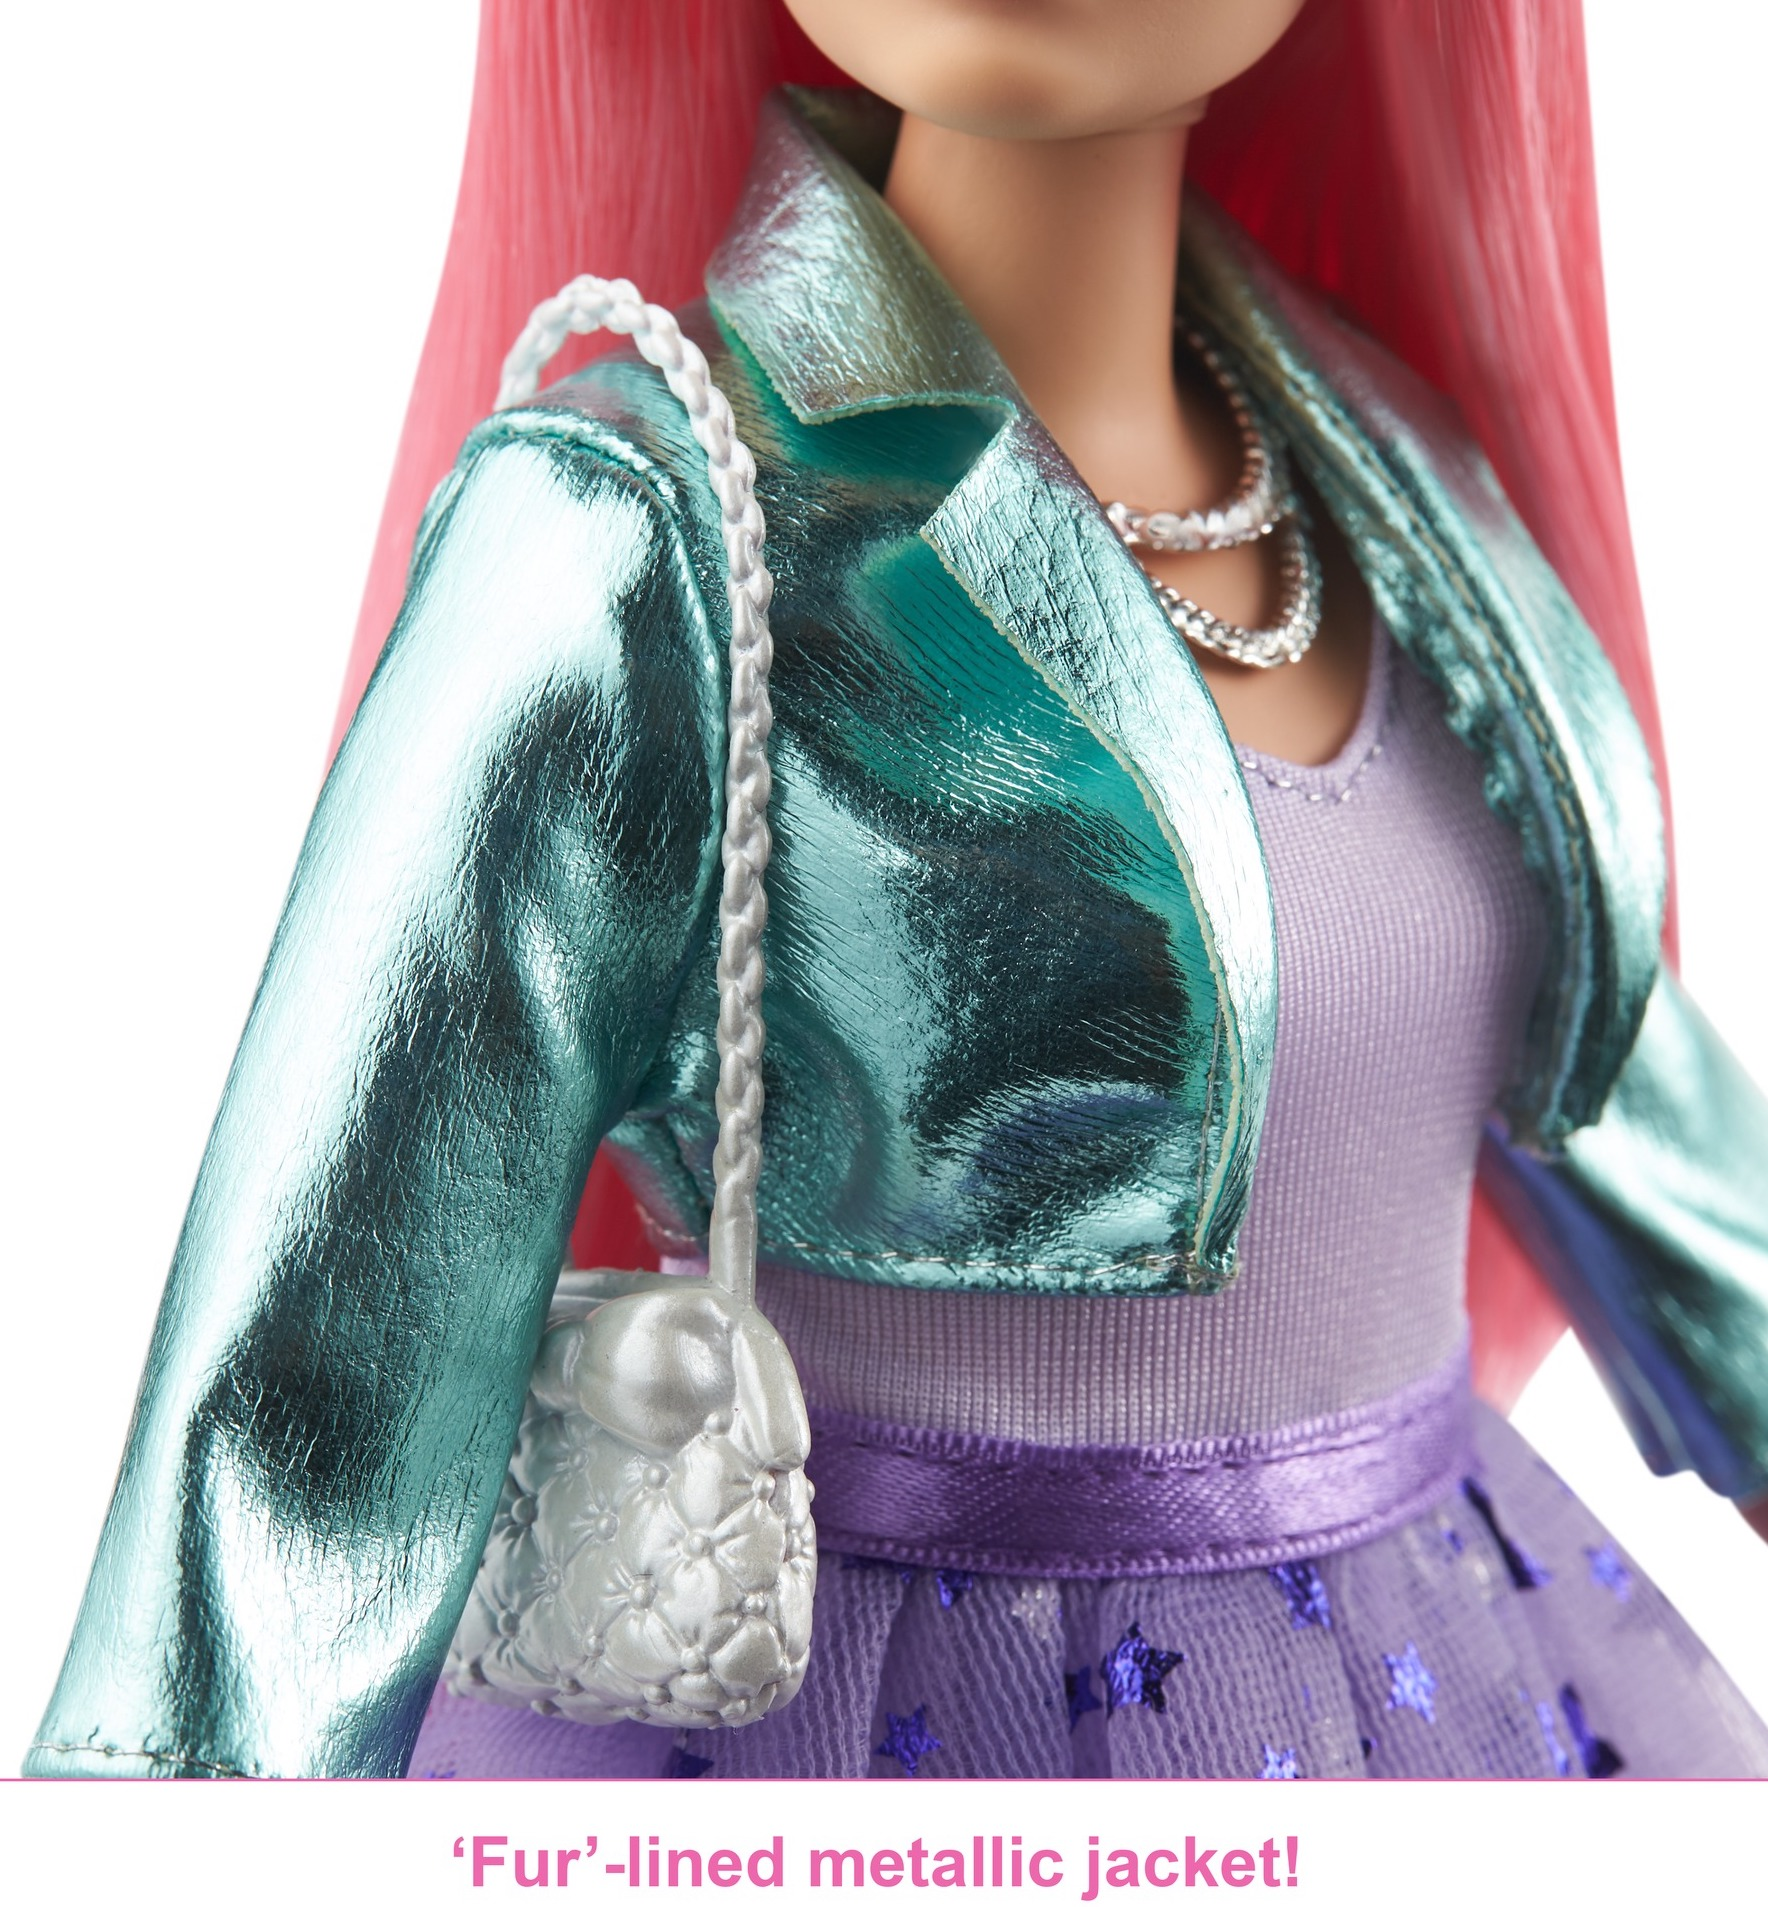 Barbie Princess Adventure Daisy Doll In Princess Fashion 12-inch Curvy Doll